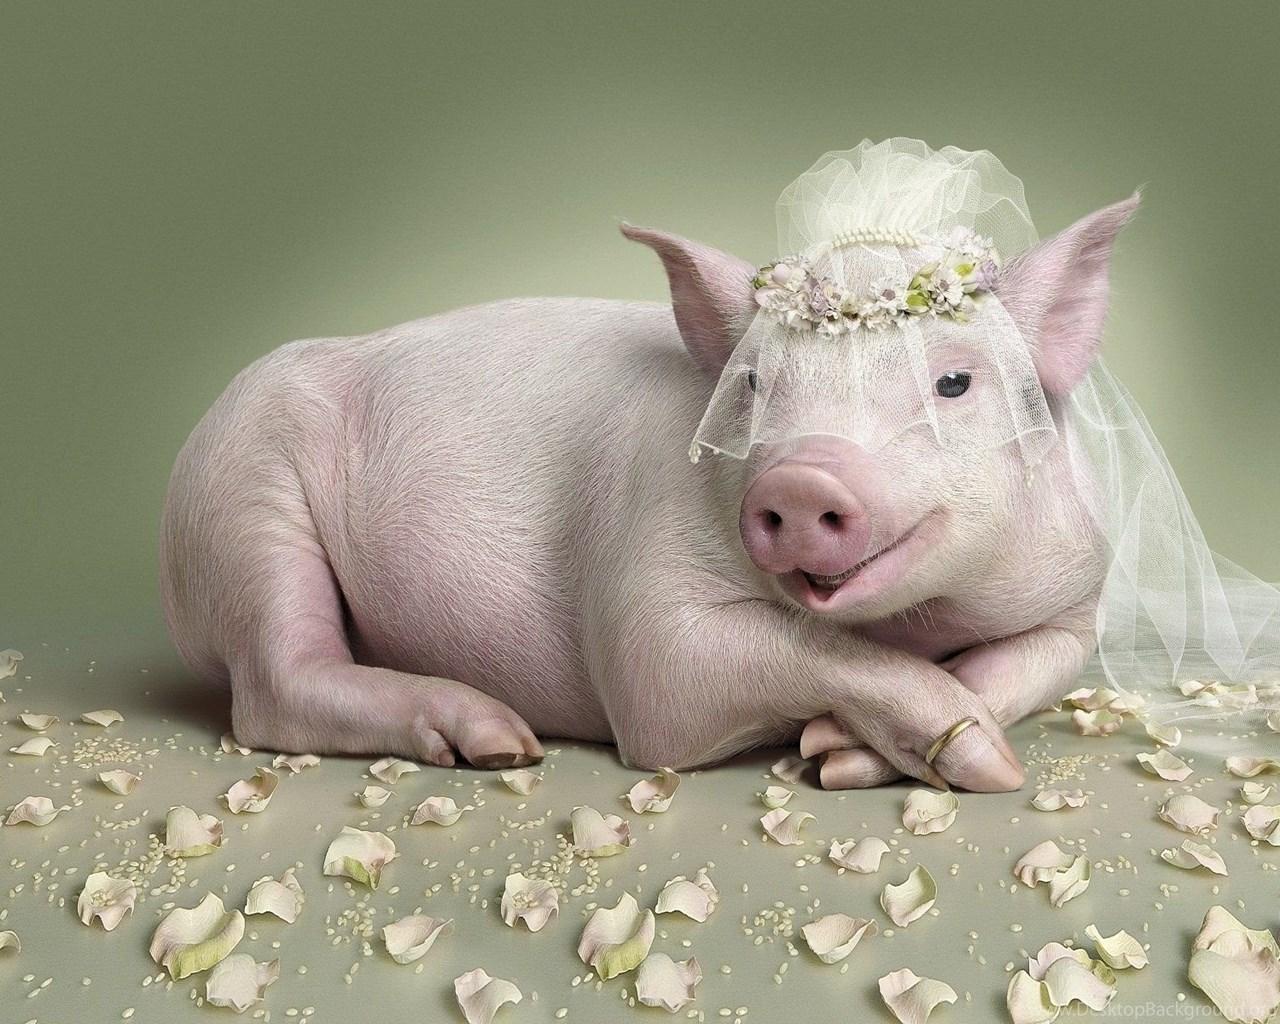 Смешные картинки про свинью на новый год, весь